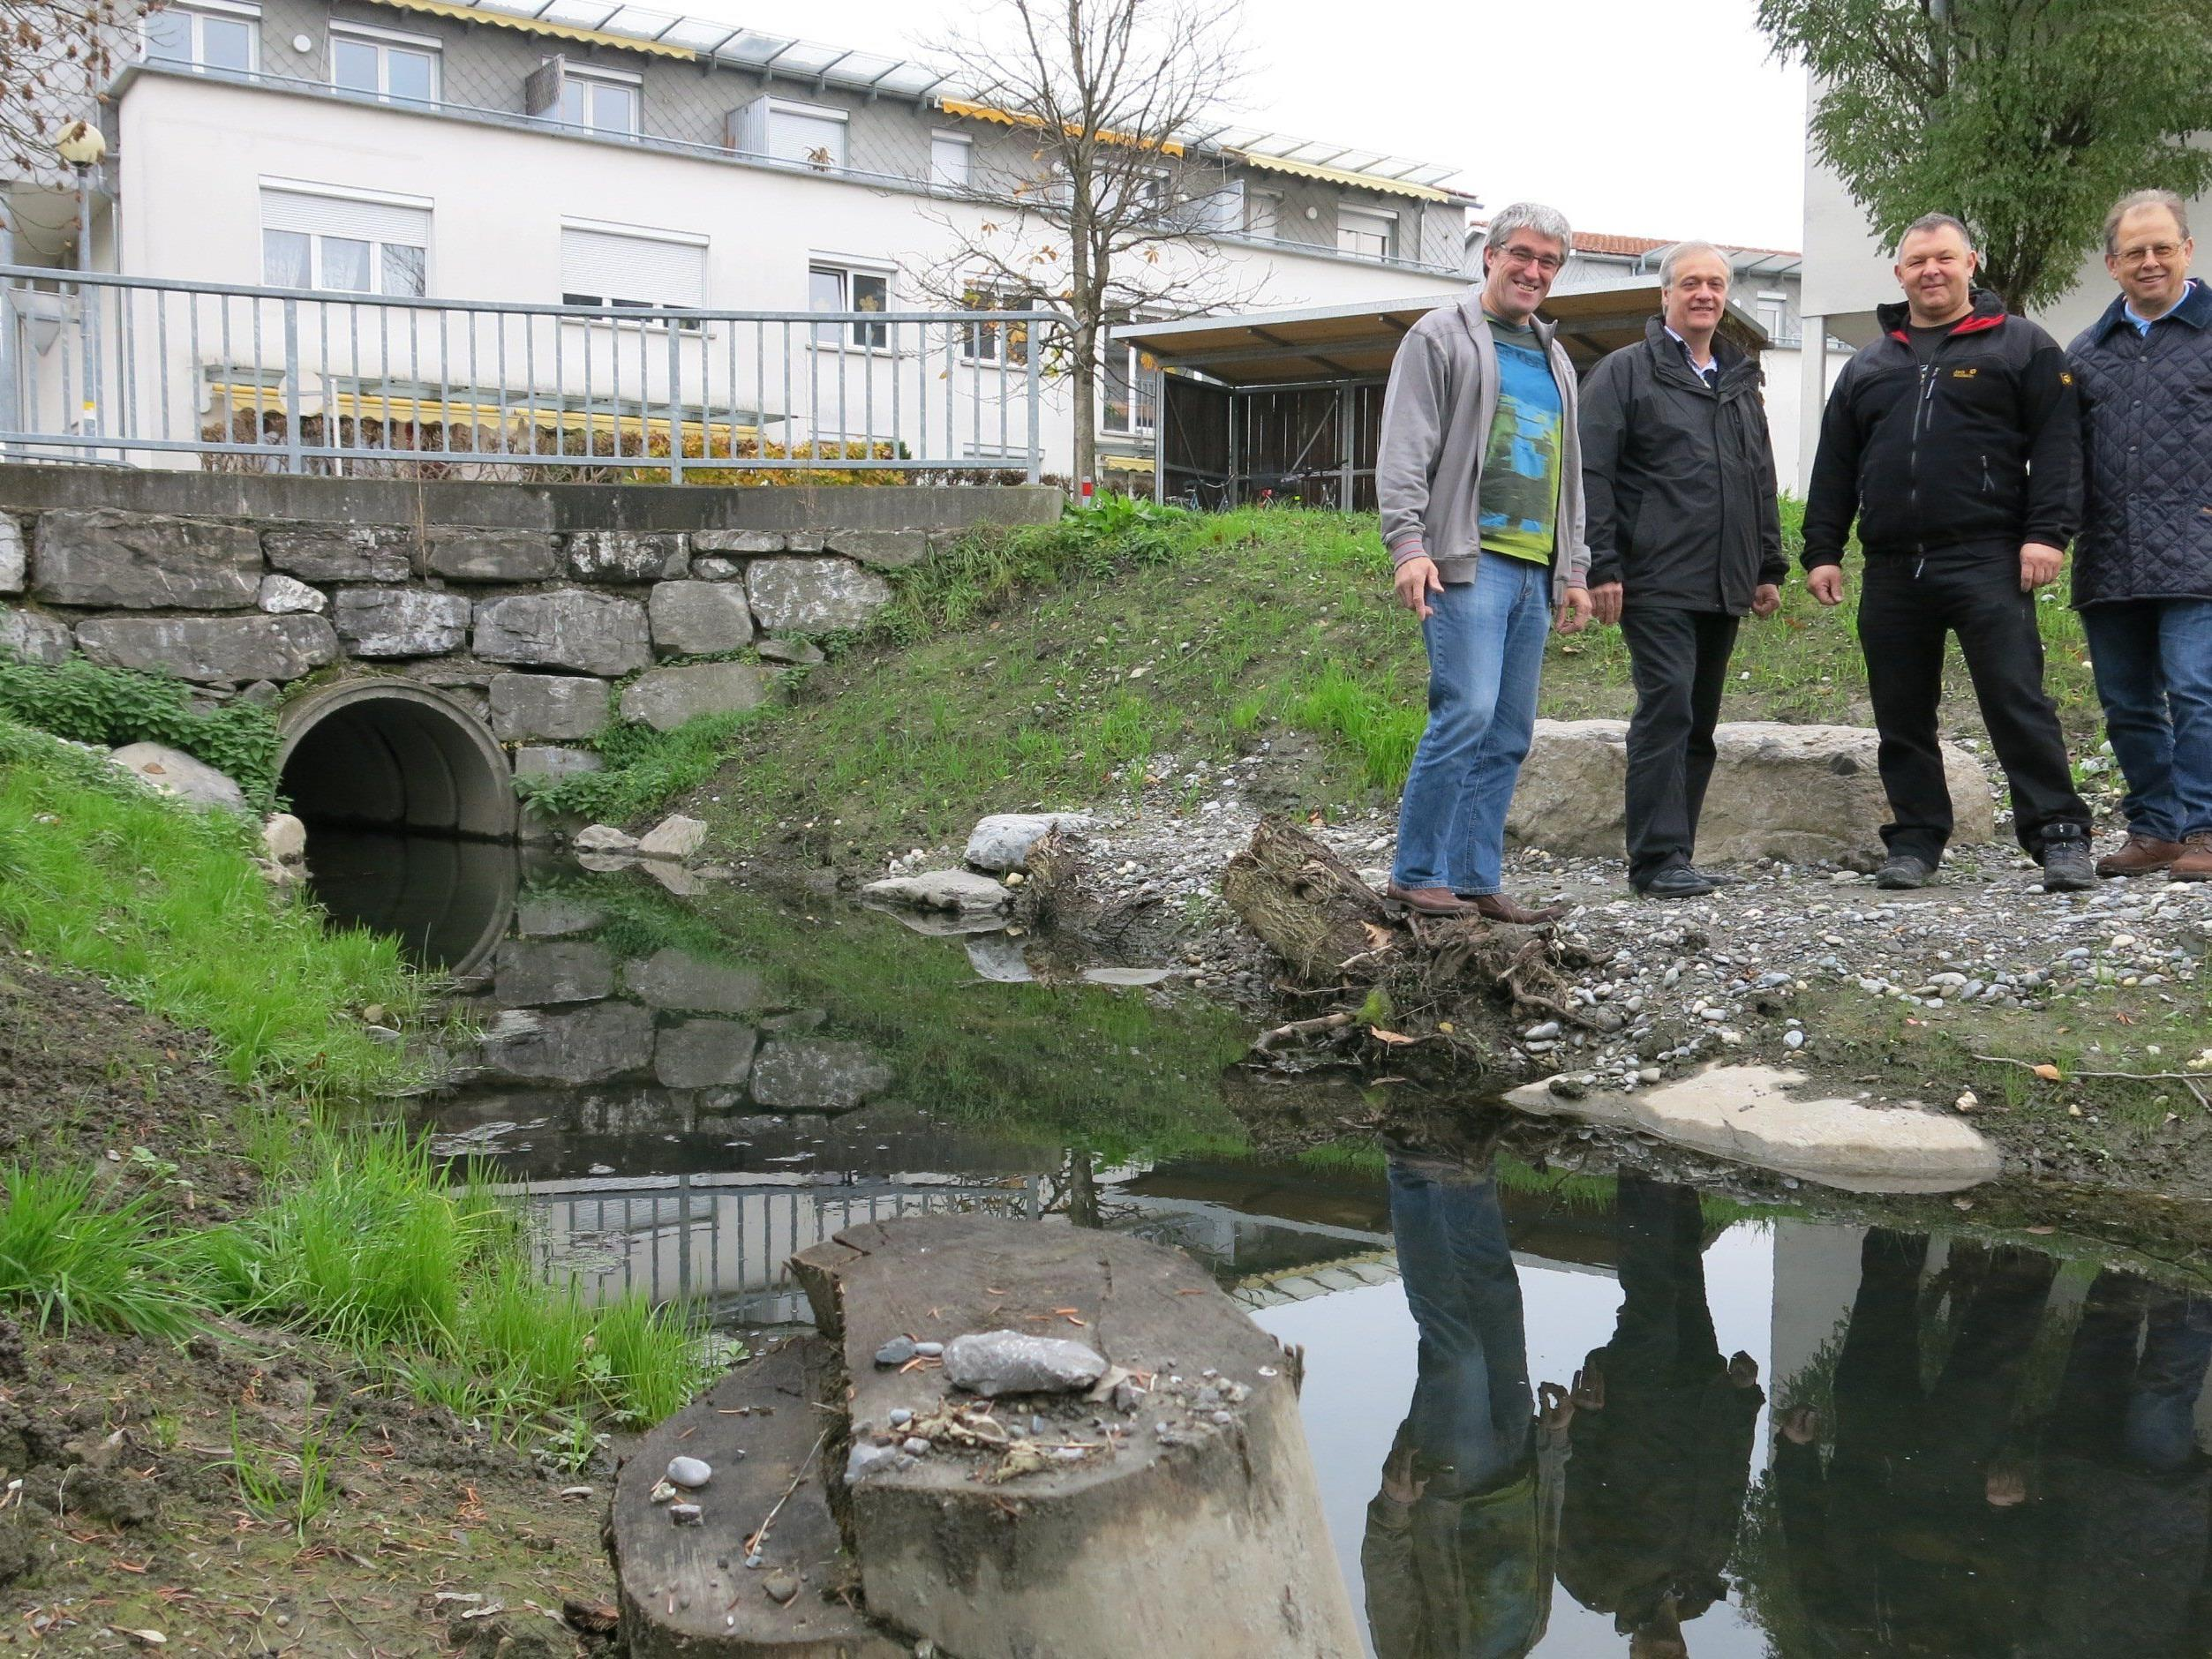 Otto Sohm, Vizebürgermeister Walter Natter, Kurt Spechtenhauser und Tiefbaureferent Wolfgang Bösch freuen sich über einen weiteren naturnah gestalteten Abschnitt des Kanals.